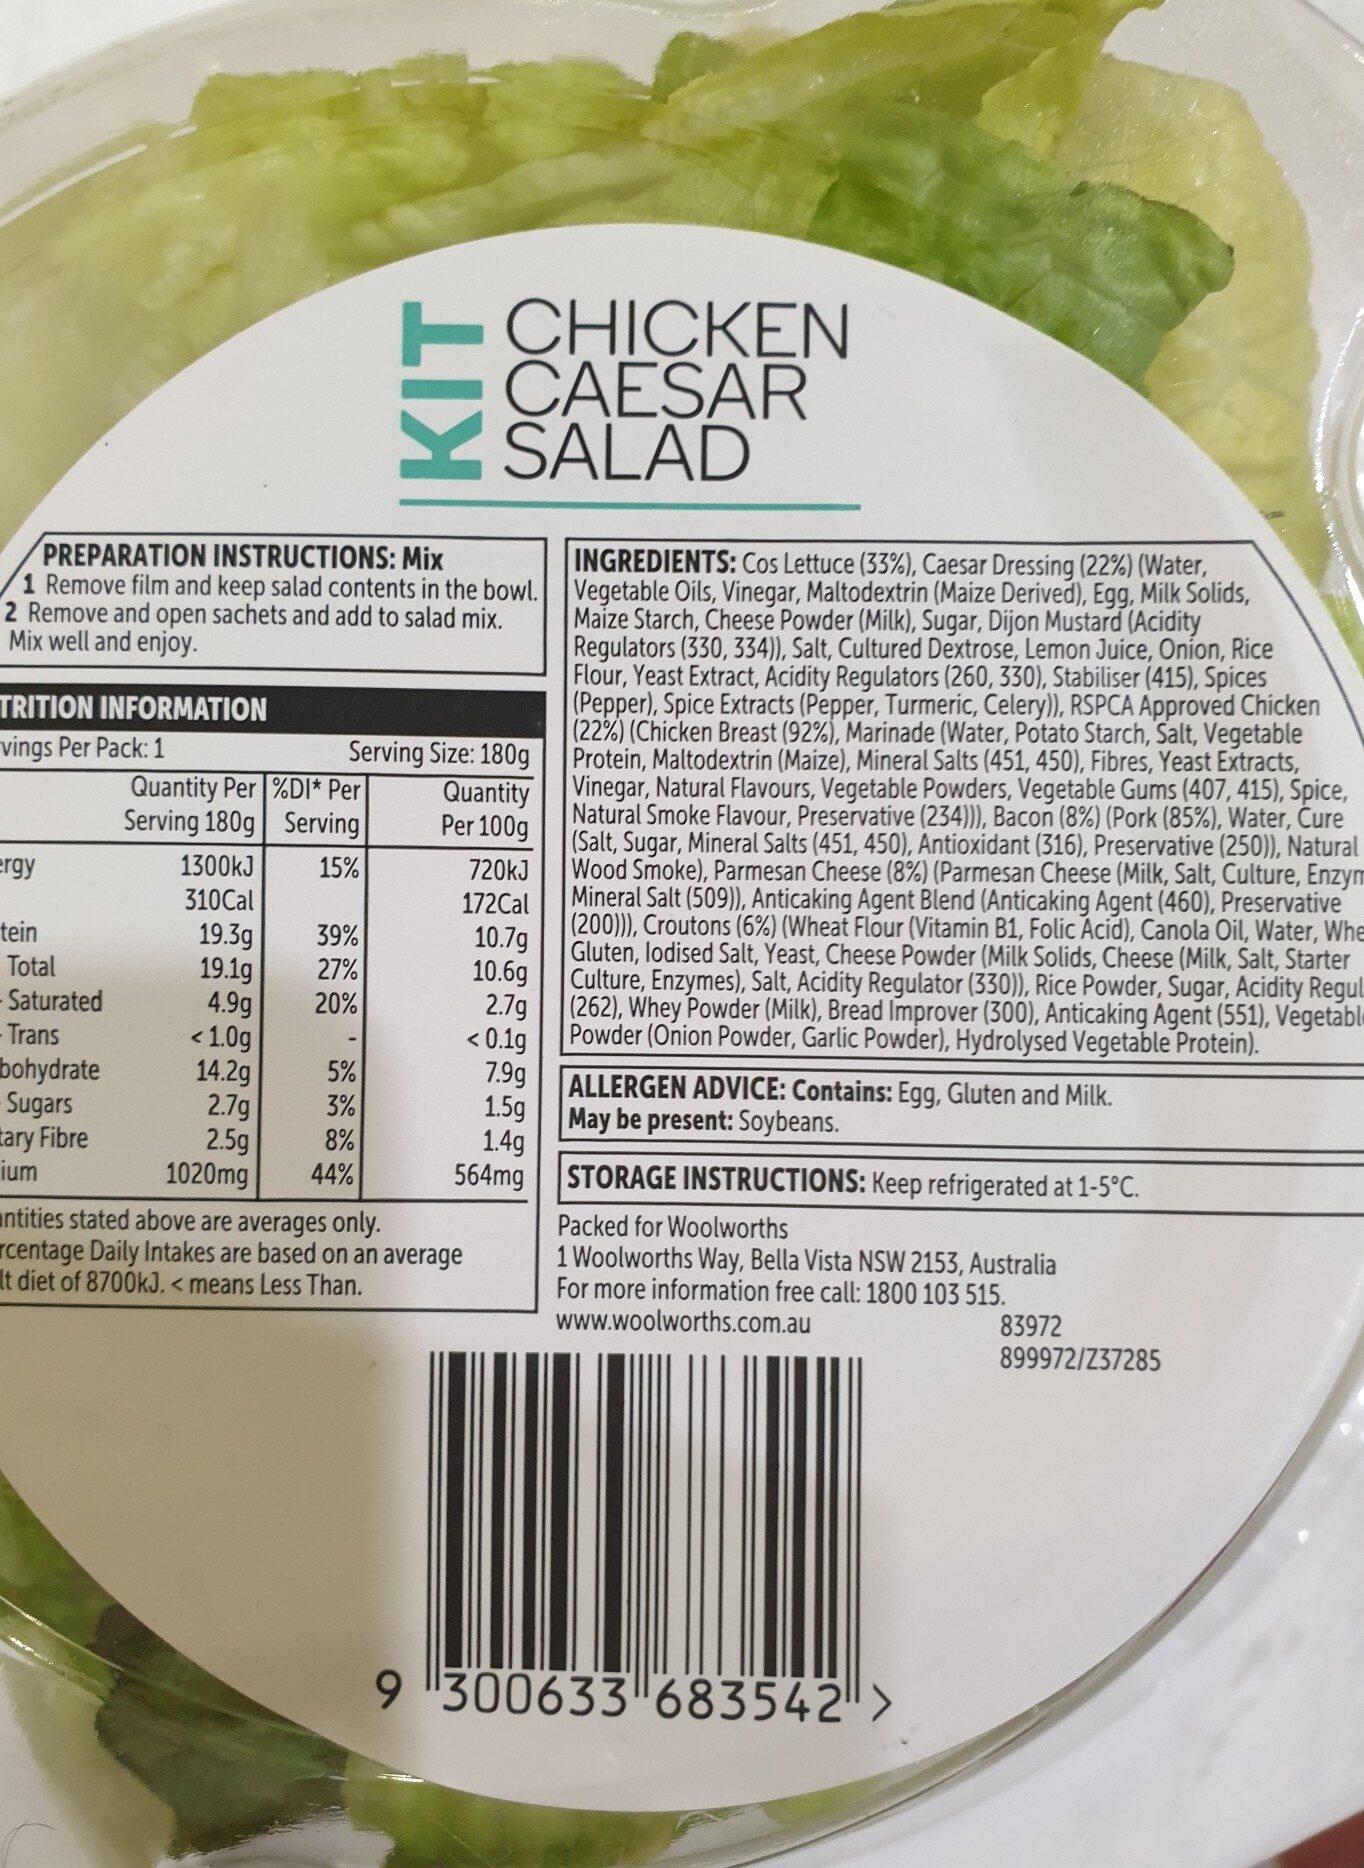 woolworths caesar salad - Ingredients - en